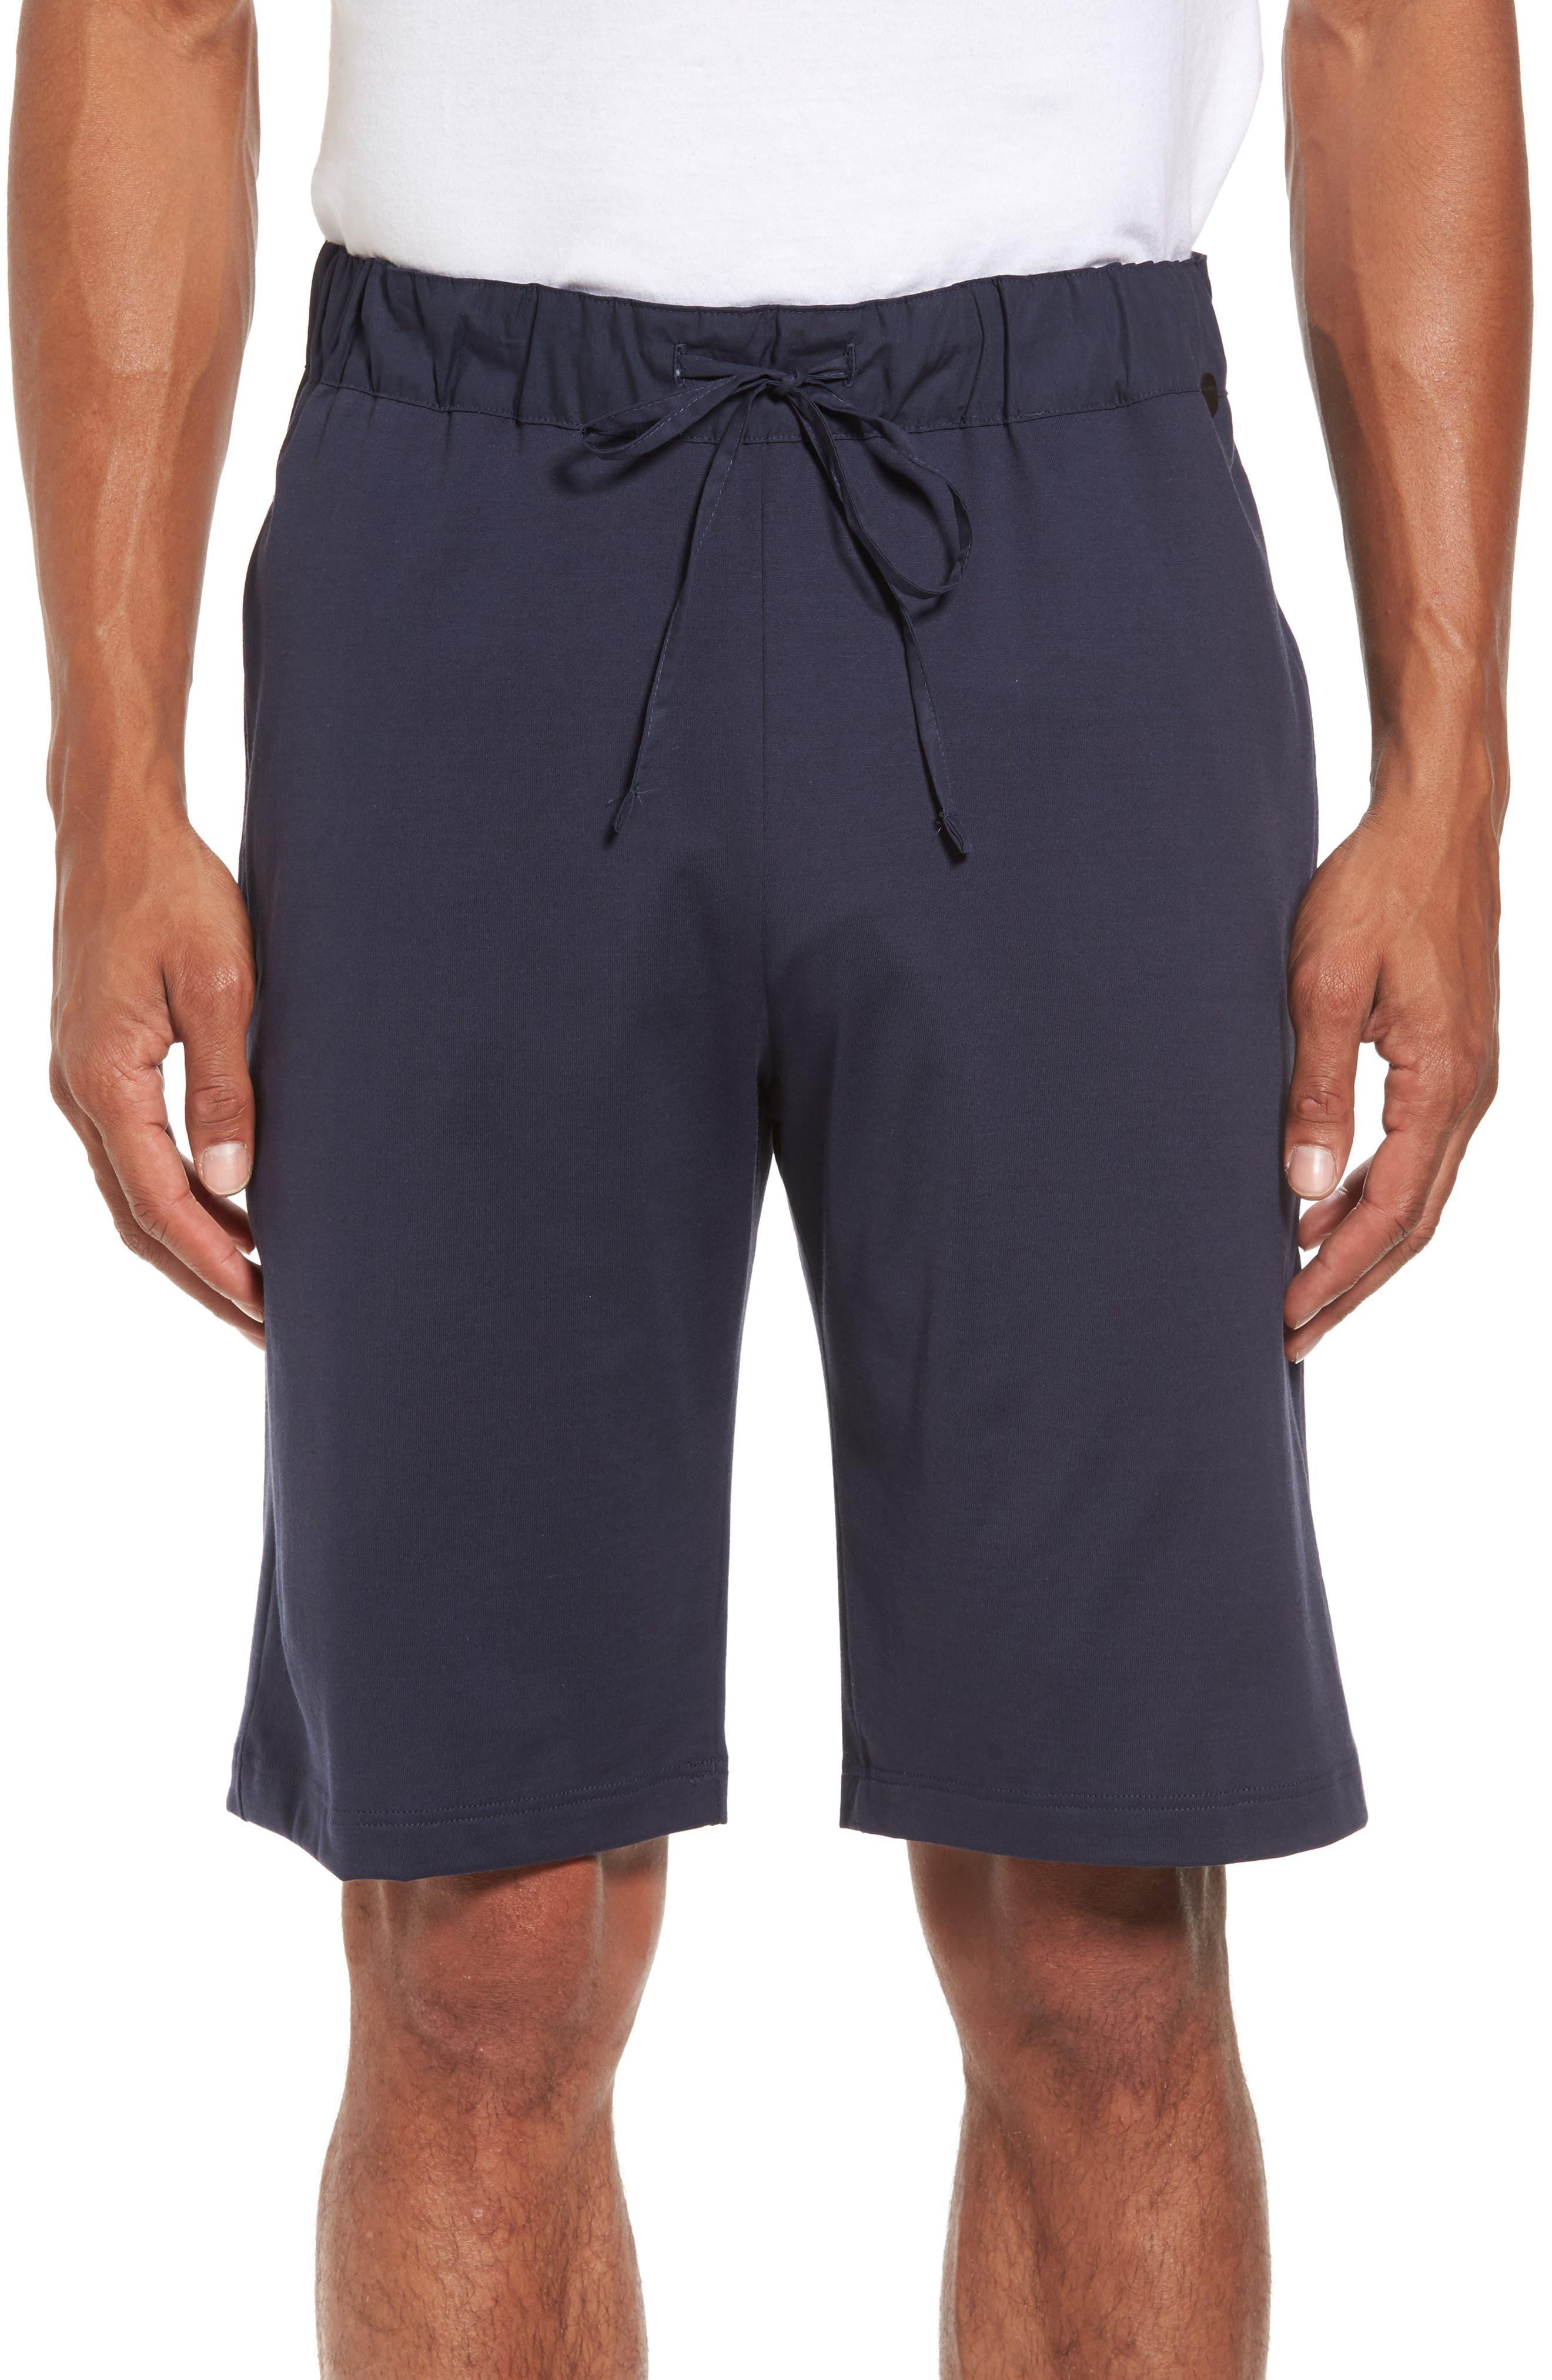 Night & Day Knit Shorts,                             Main thumbnail 1, color,                             BLACK IRIS